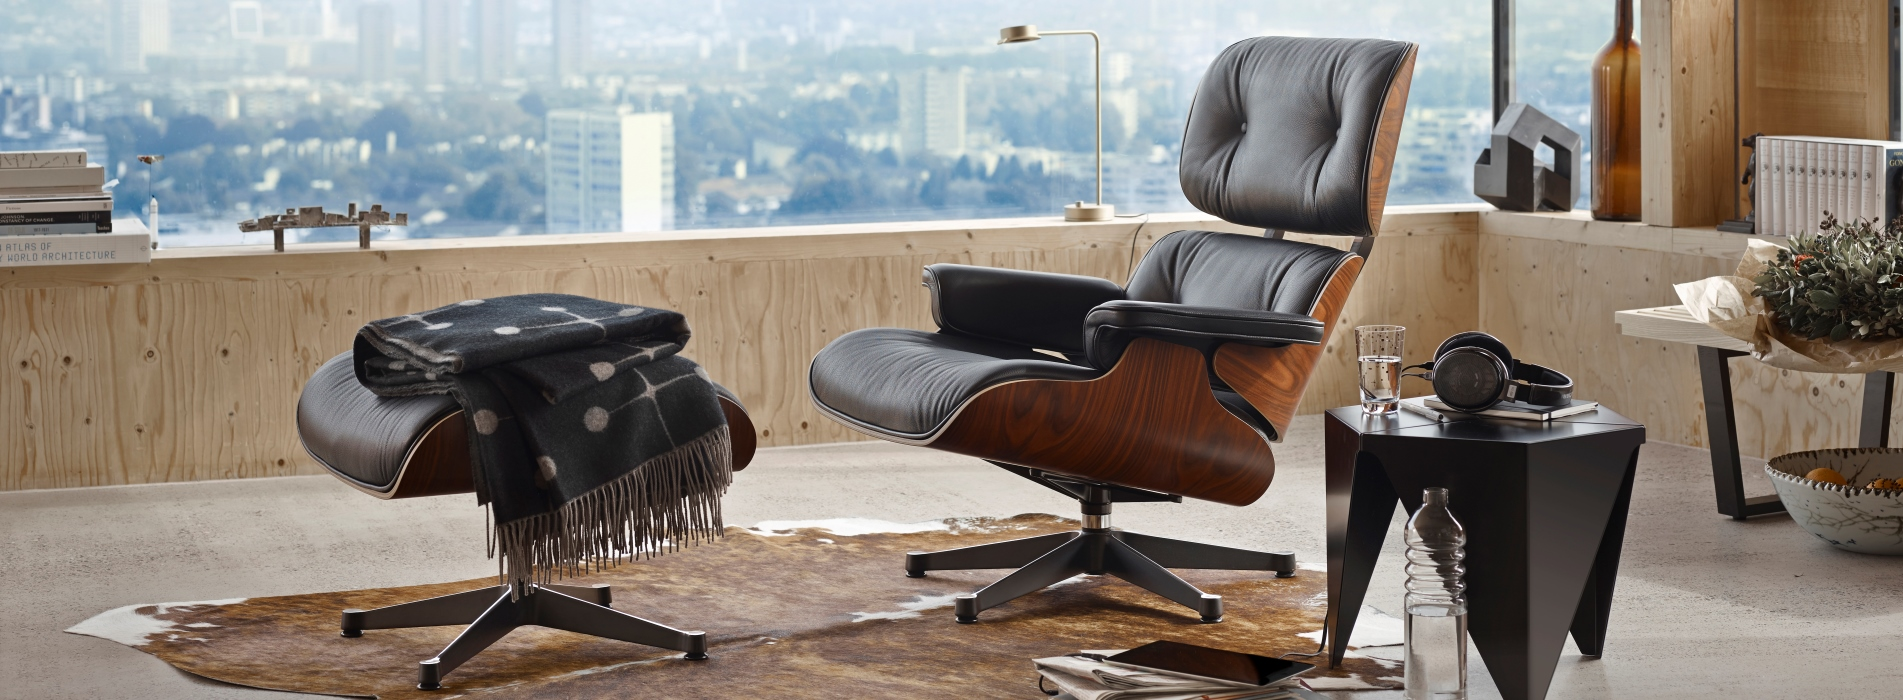 inside-concept-mobilier-design-banne